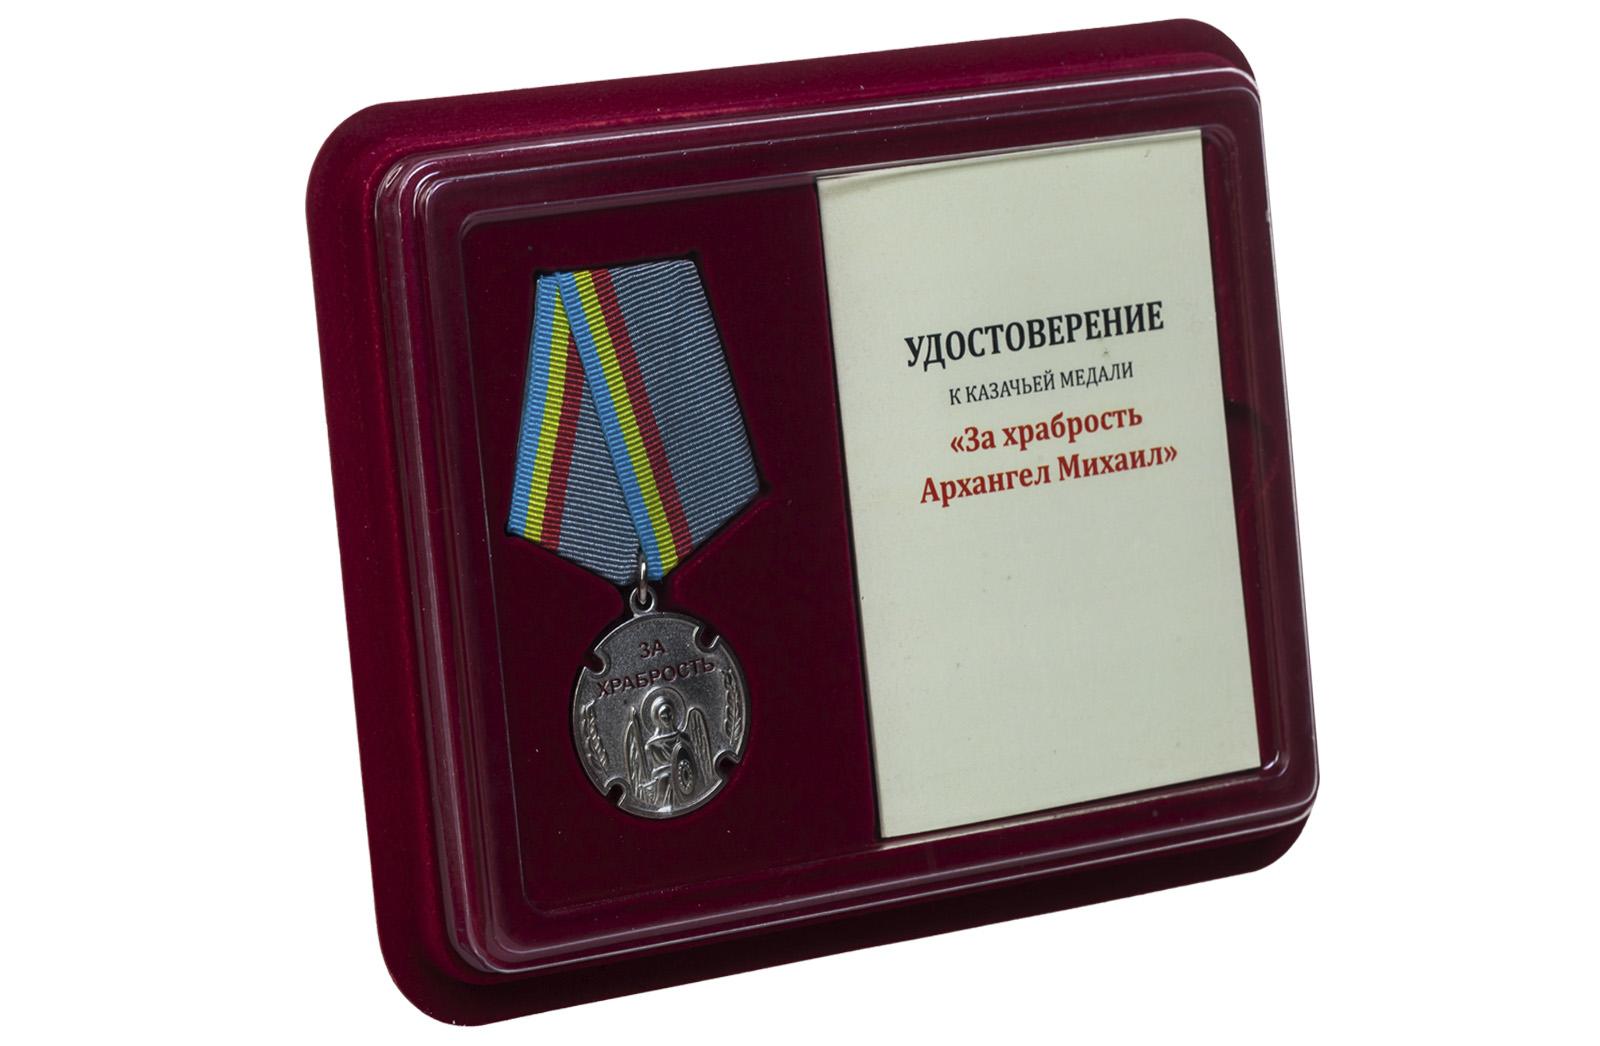 Купить казачью медаль За храбрость Архангел Михаил в подарок мужчине